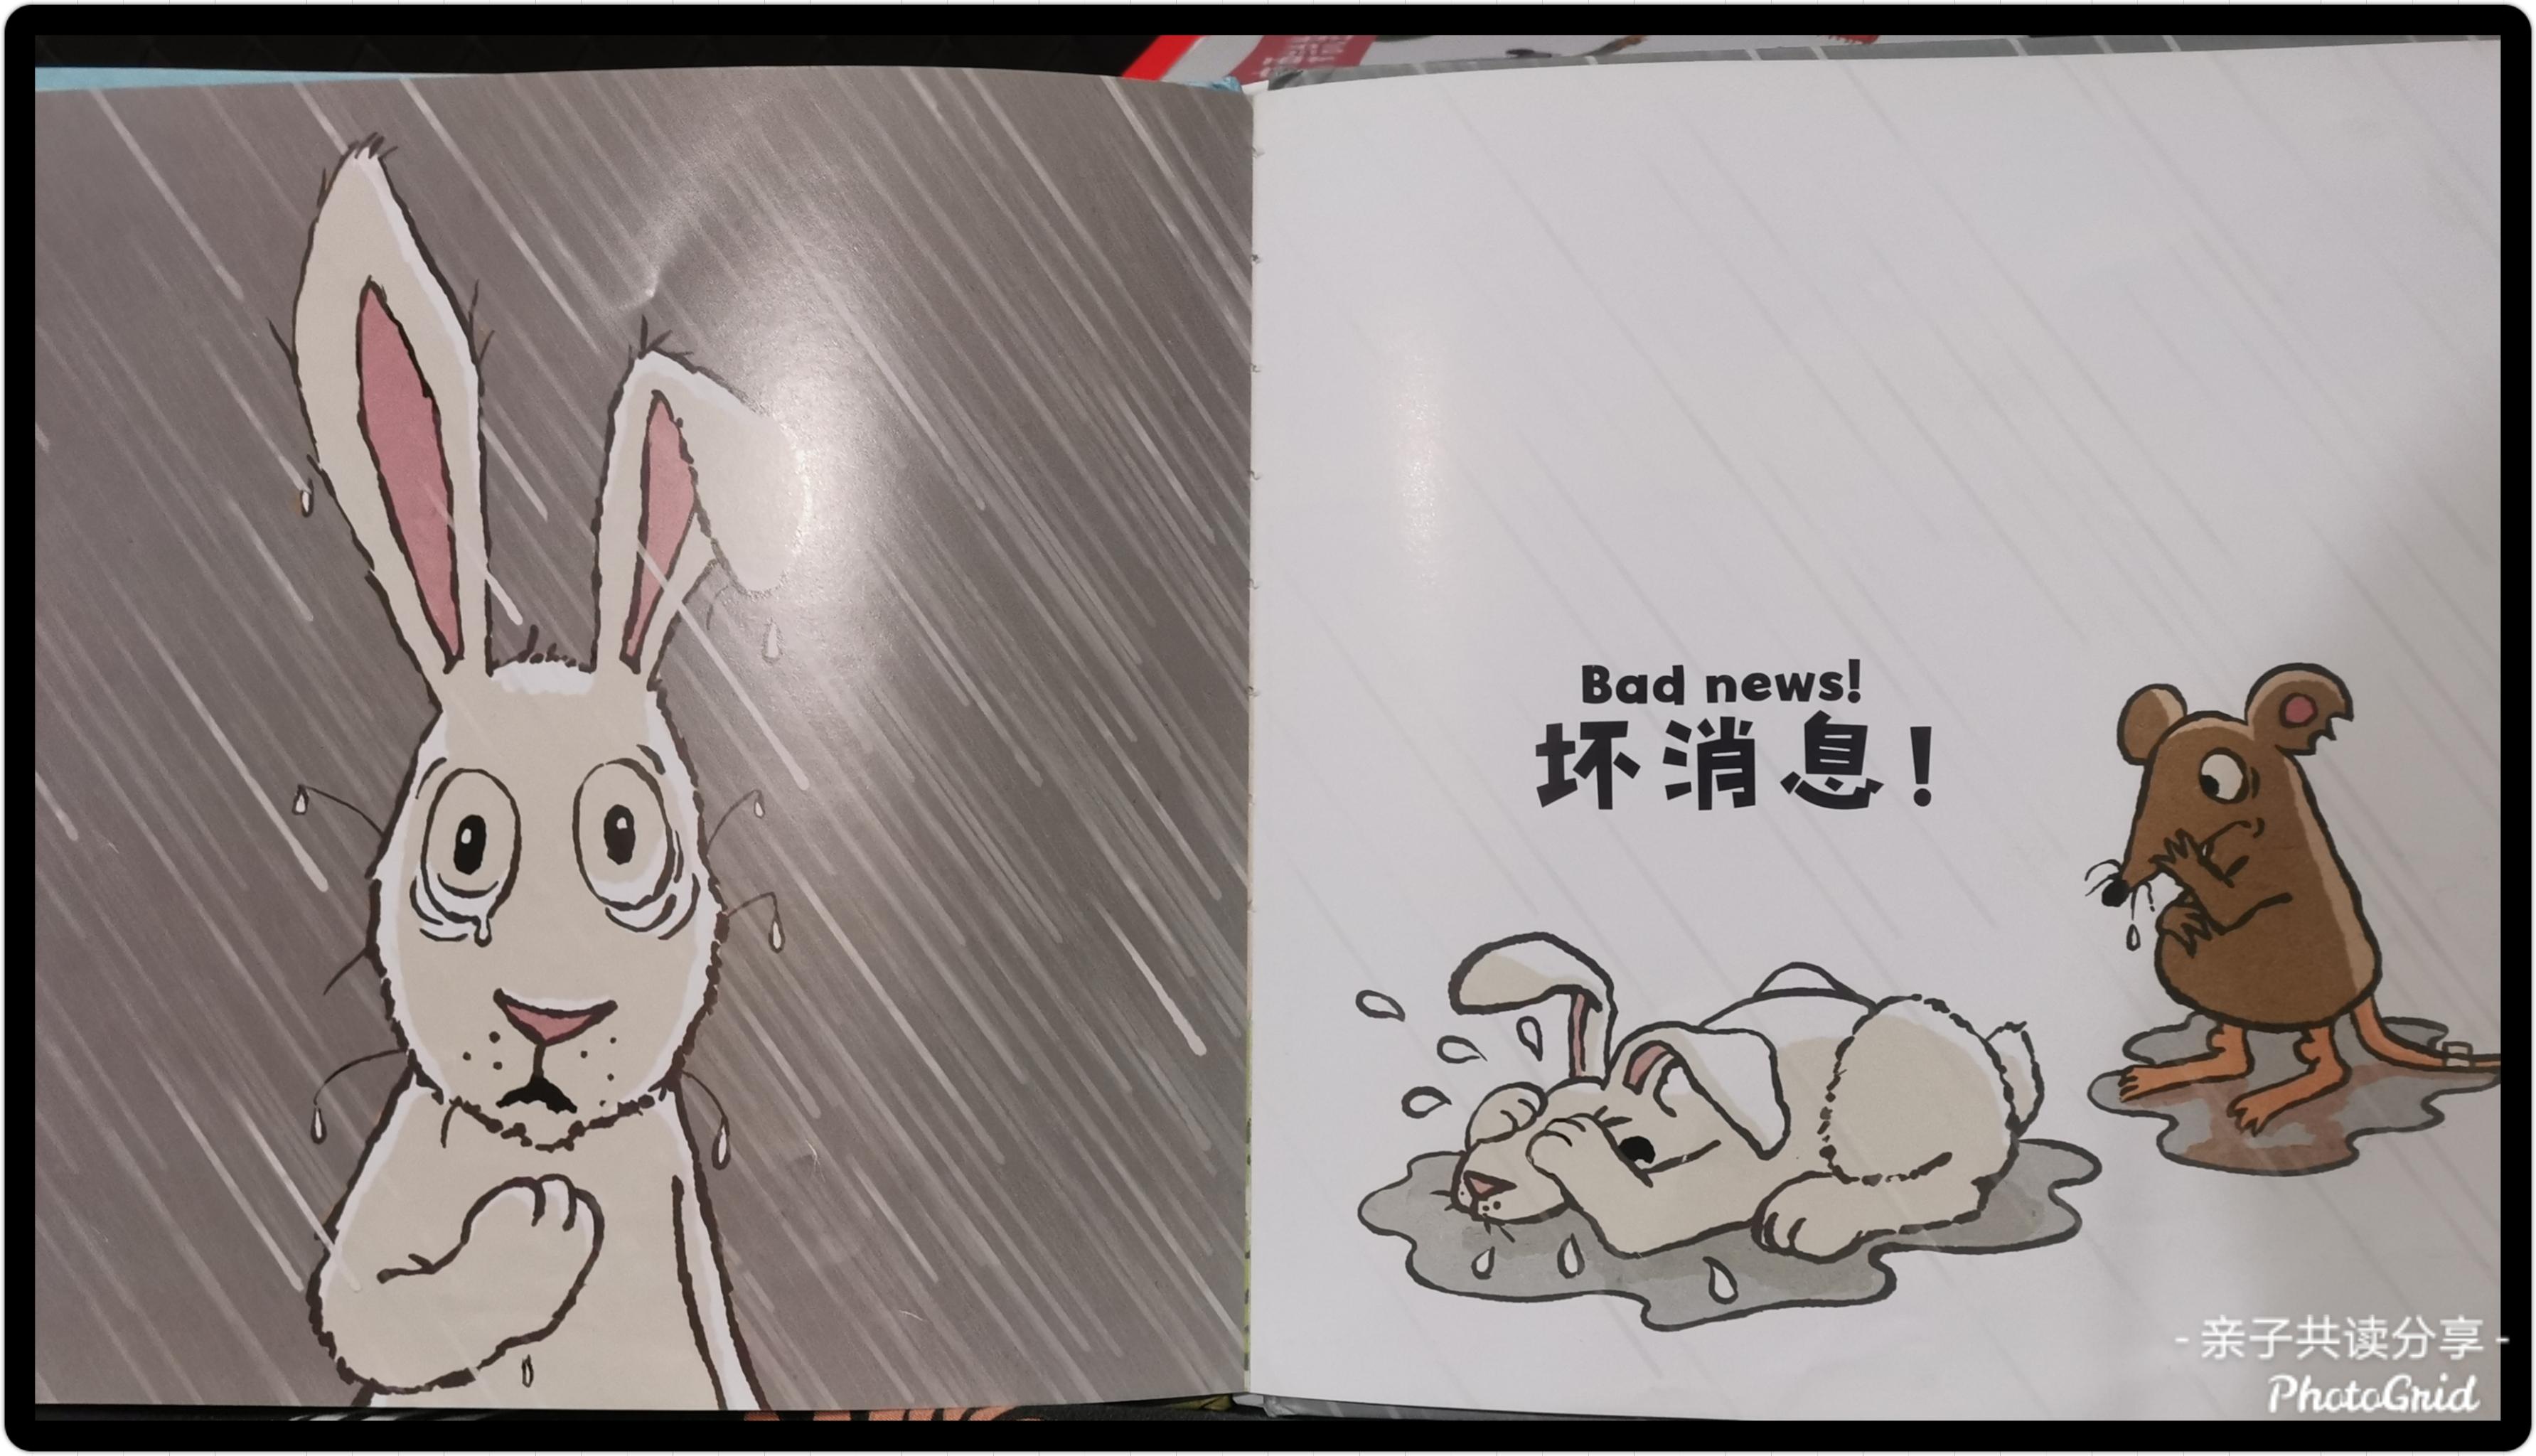 《好消息坏消息》内页- 兔子泪崩了